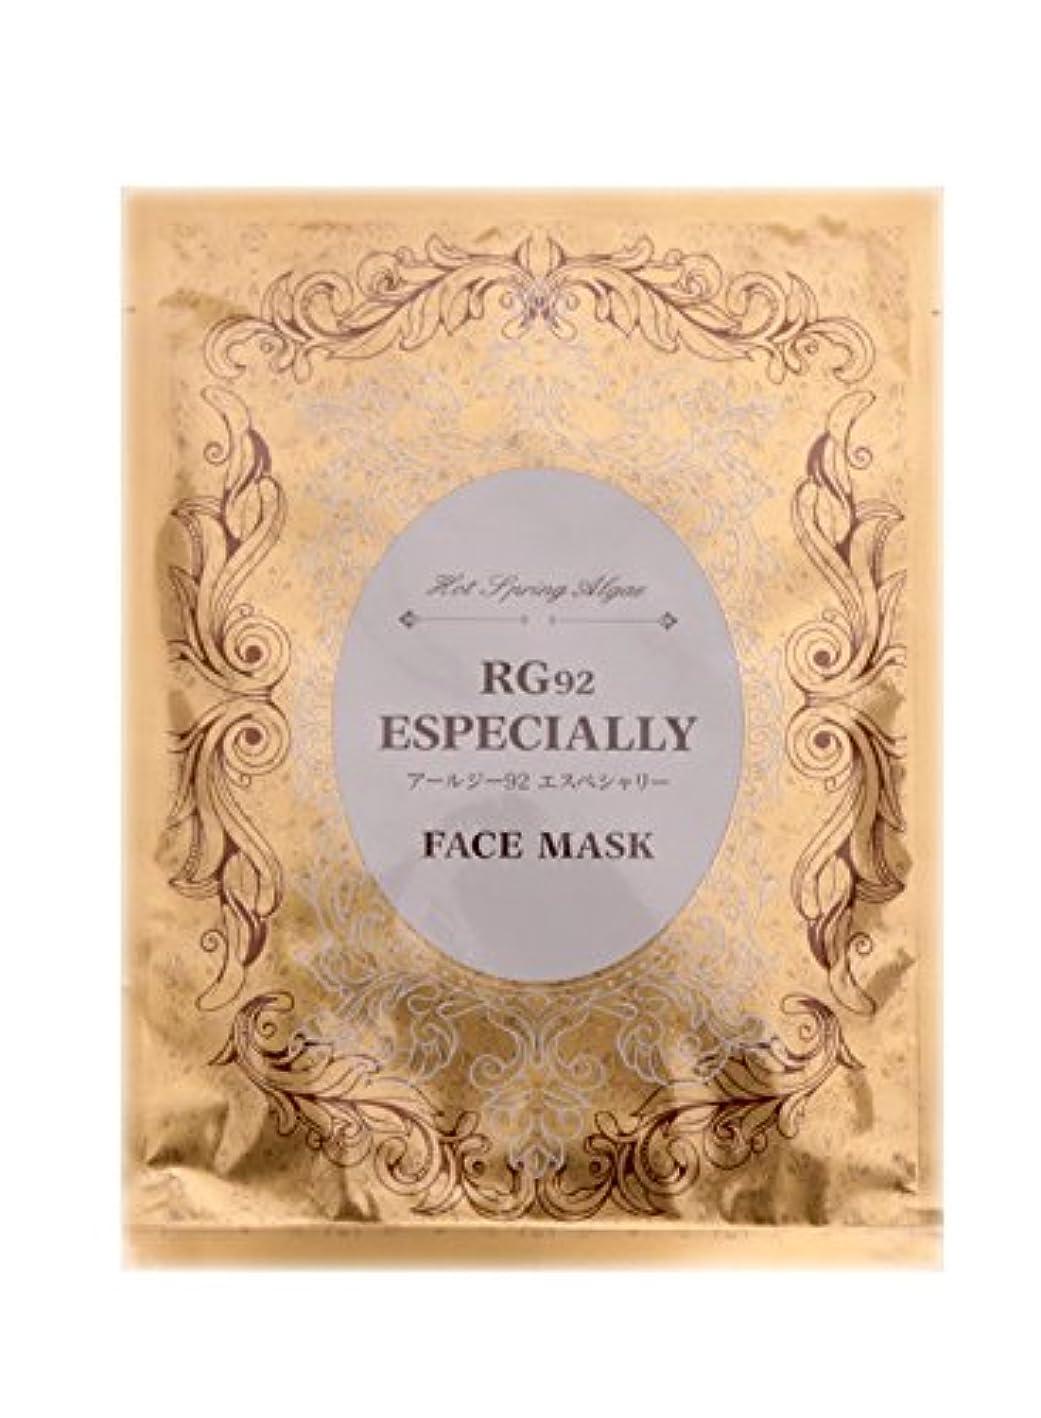 移行闇隔離する【超敏感肌用】 RG92美容液フェイスマスク 1枚